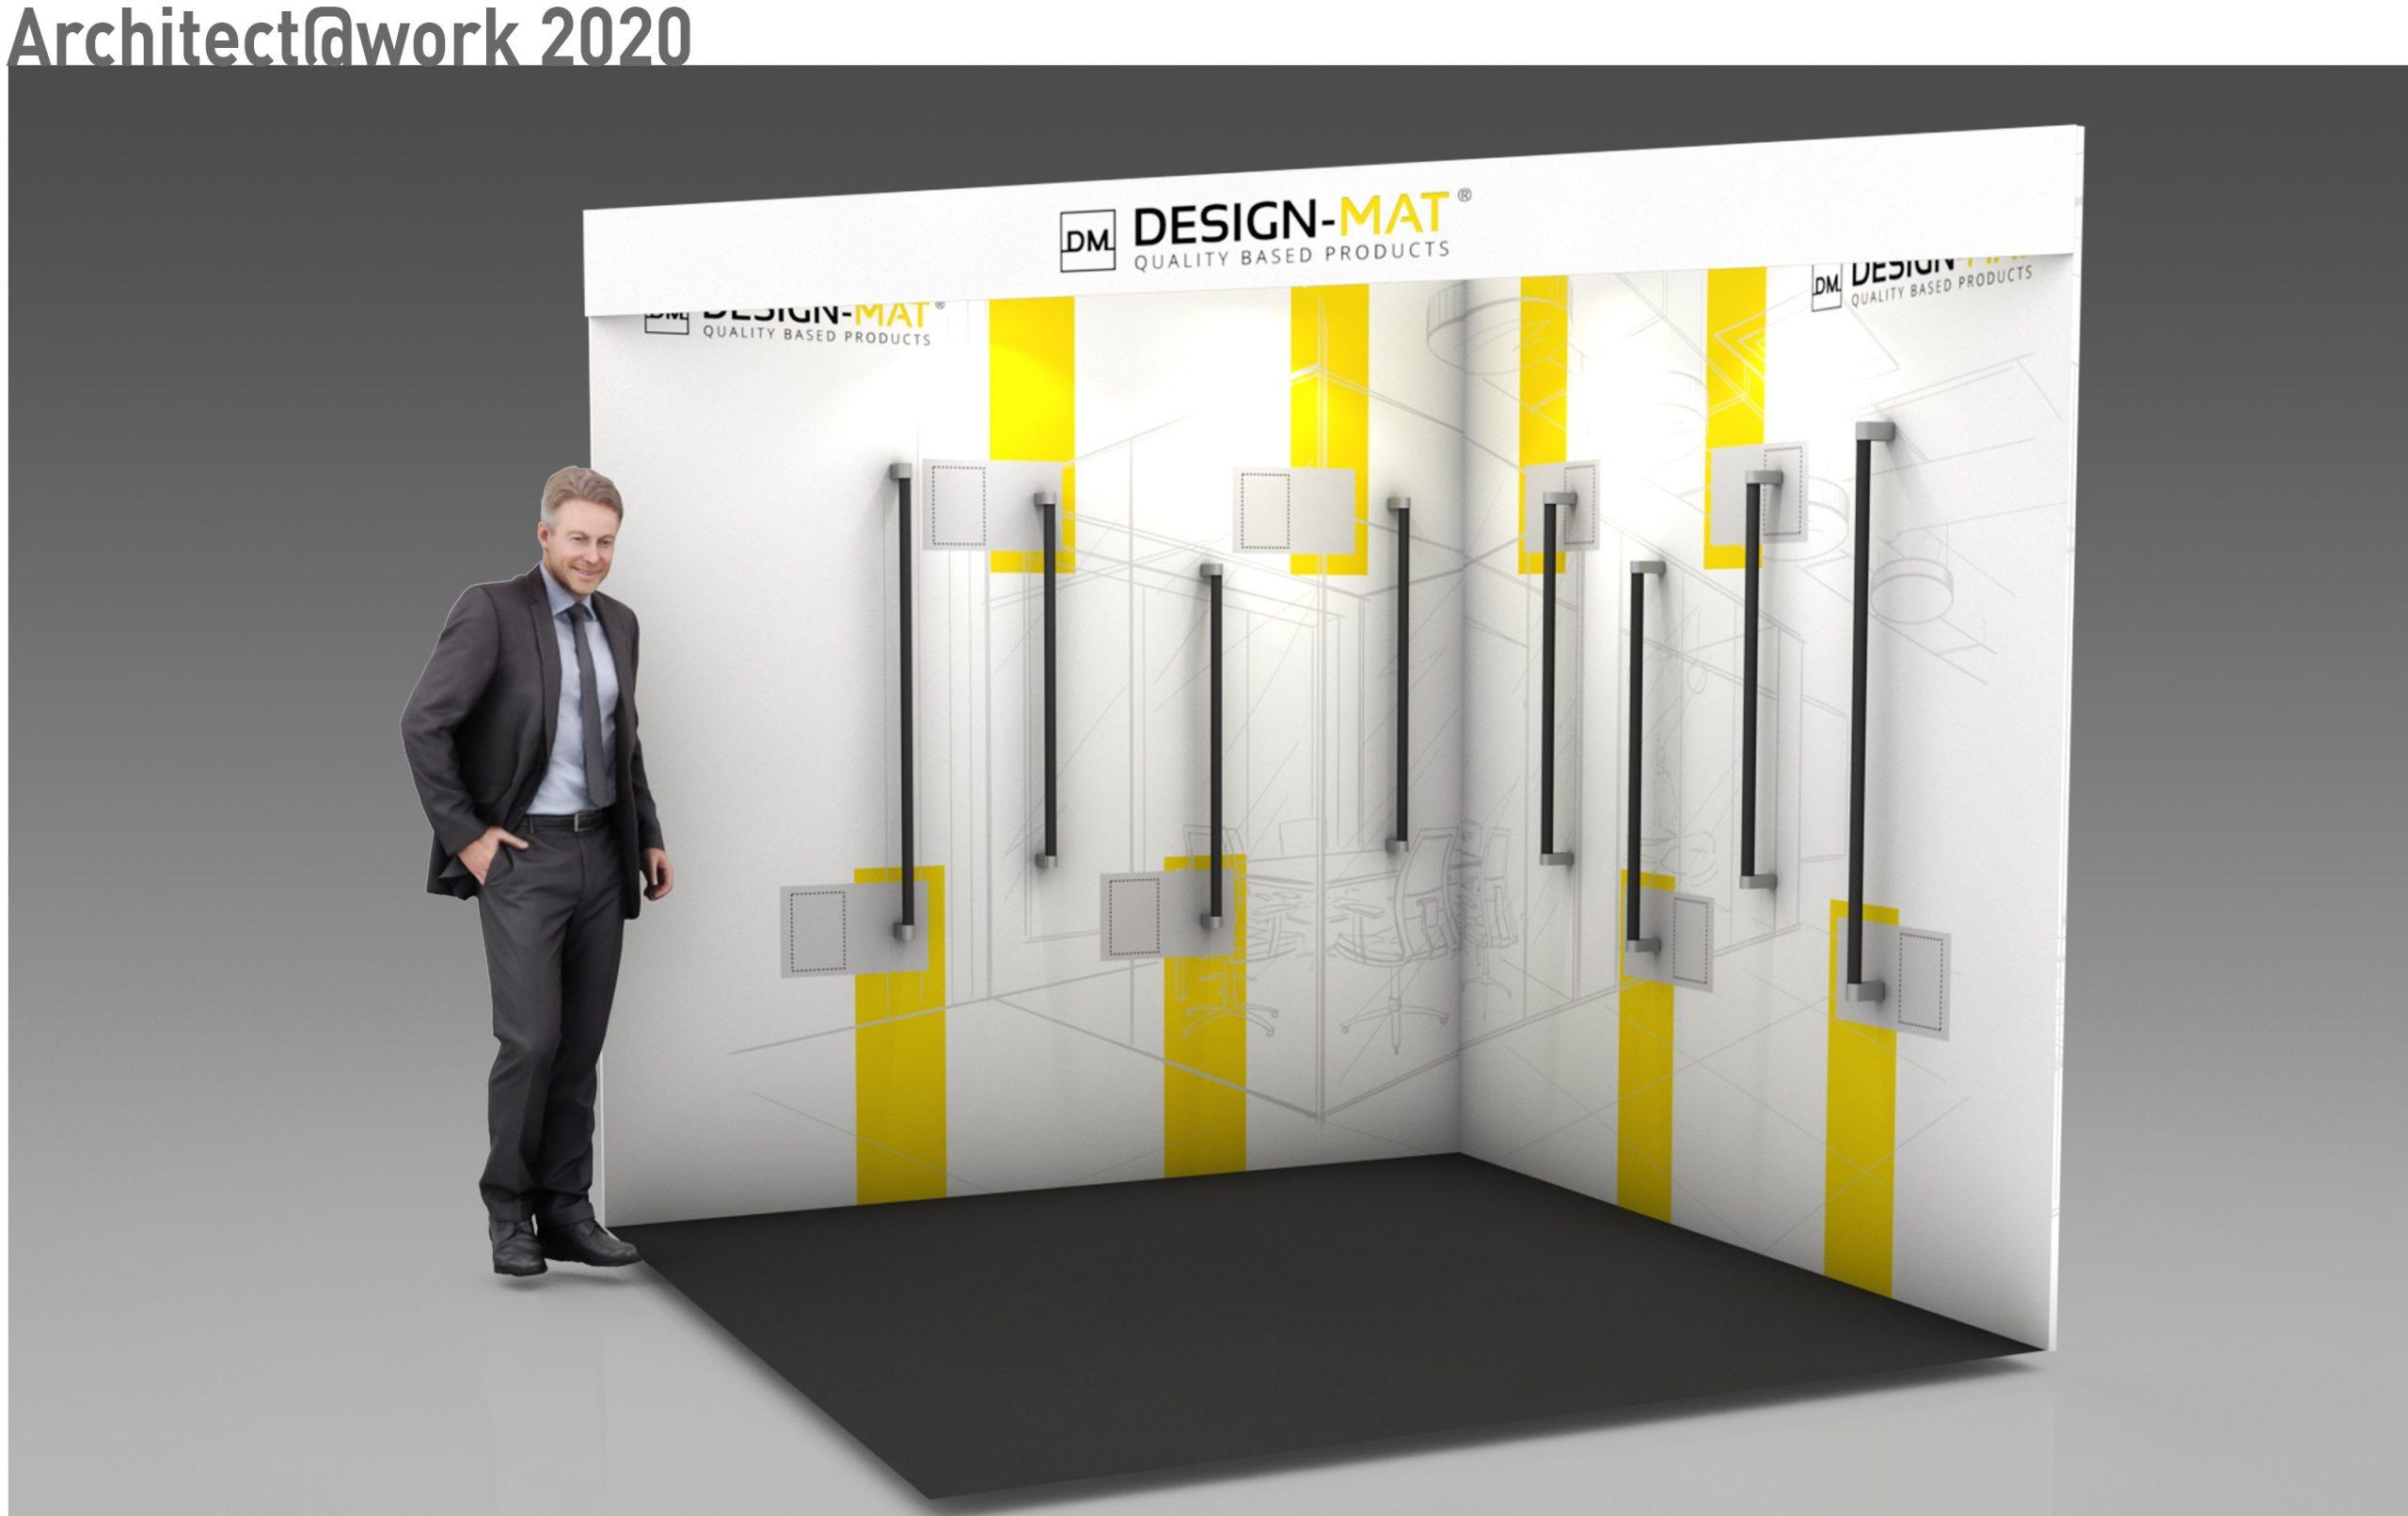 Grand succès pour R2 Stand-Event qui design un stand sur-mesure pour DESIGN-MAT à l'occasion de deux salons